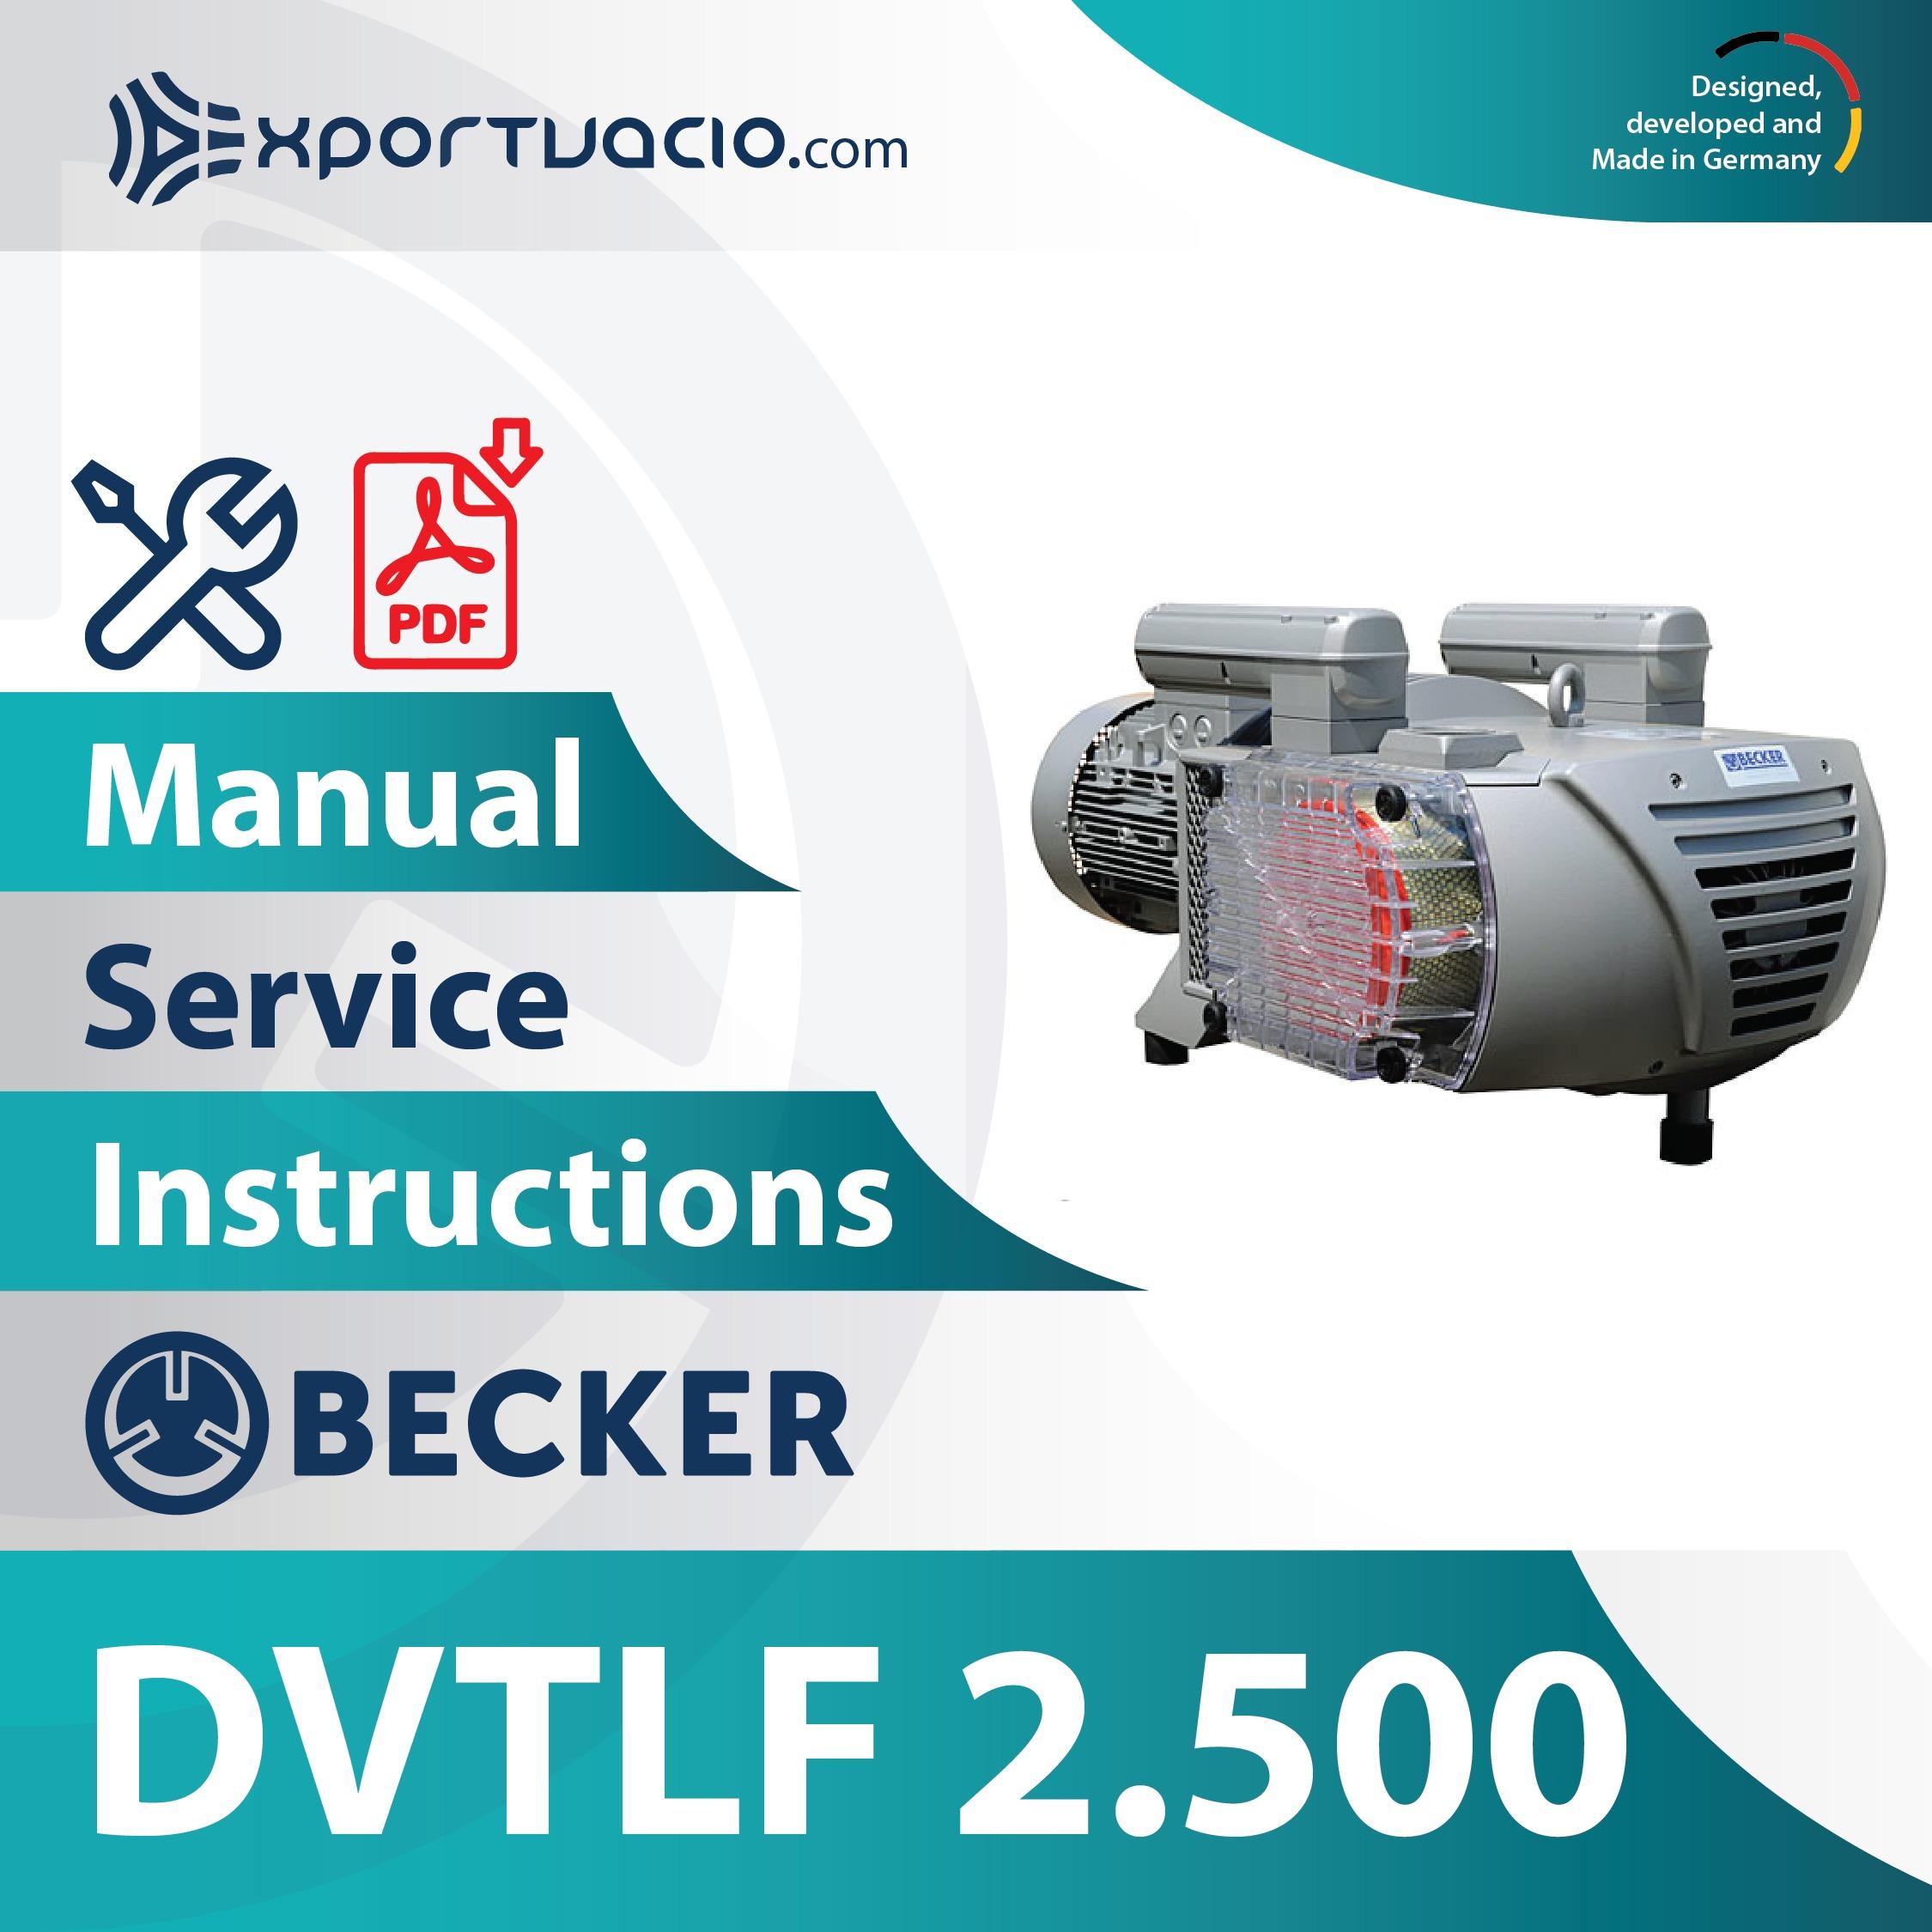 Becker DVTLF 2.500